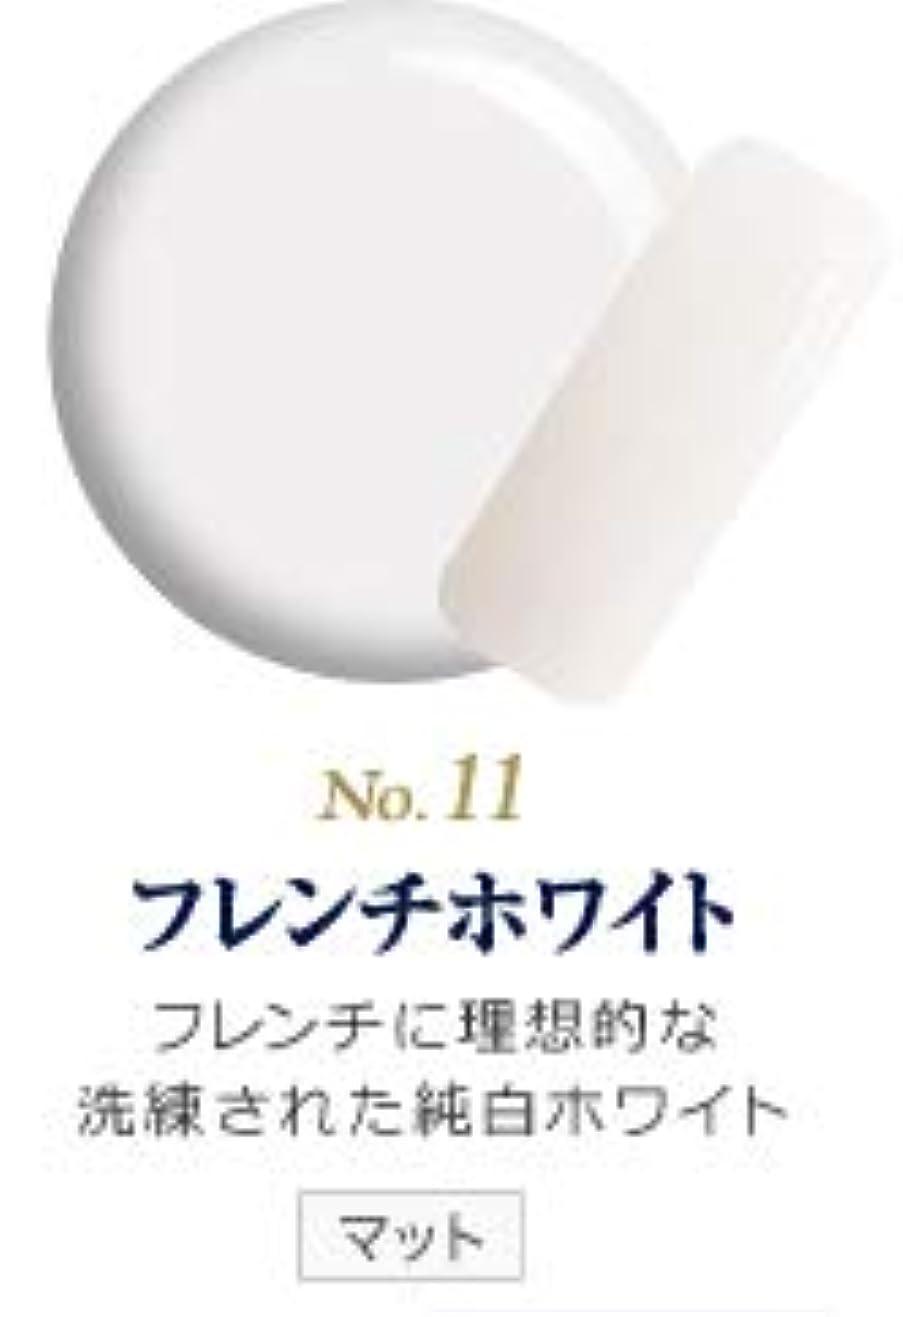 削除する粘性の神経衰弱カラージェル 発色抜群 削らなくてもオフが出来る 新グレースジェルカラーNo.11~No.209 (フレンチホワイト)